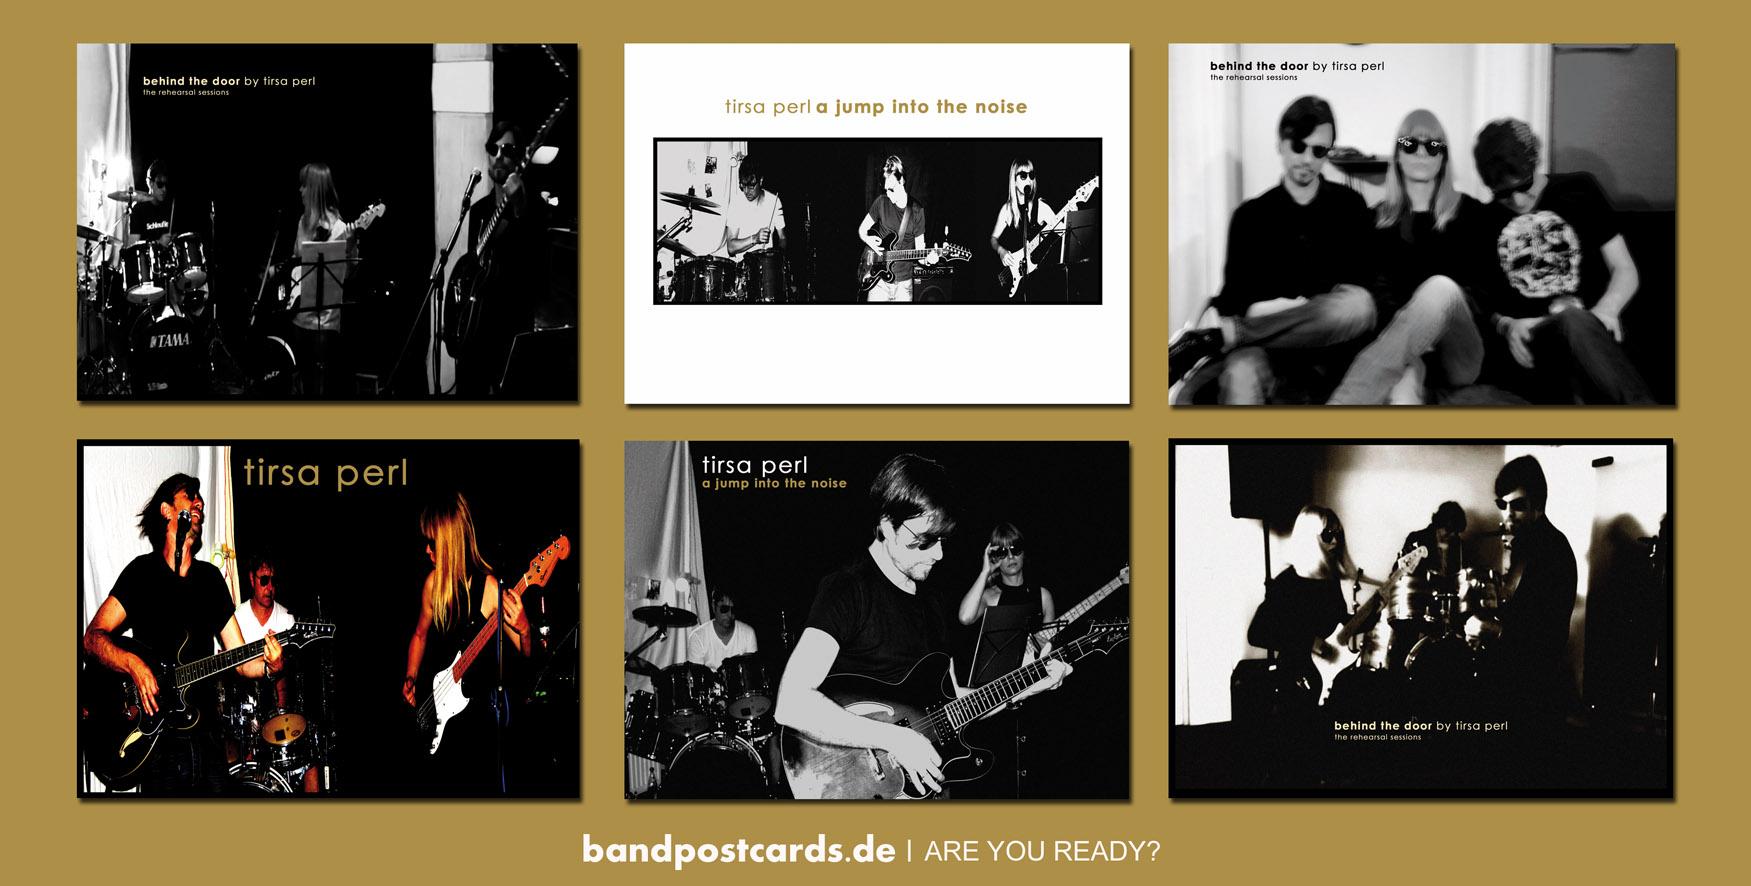 bandpostcards_tirsa_perl_kai reininghaus